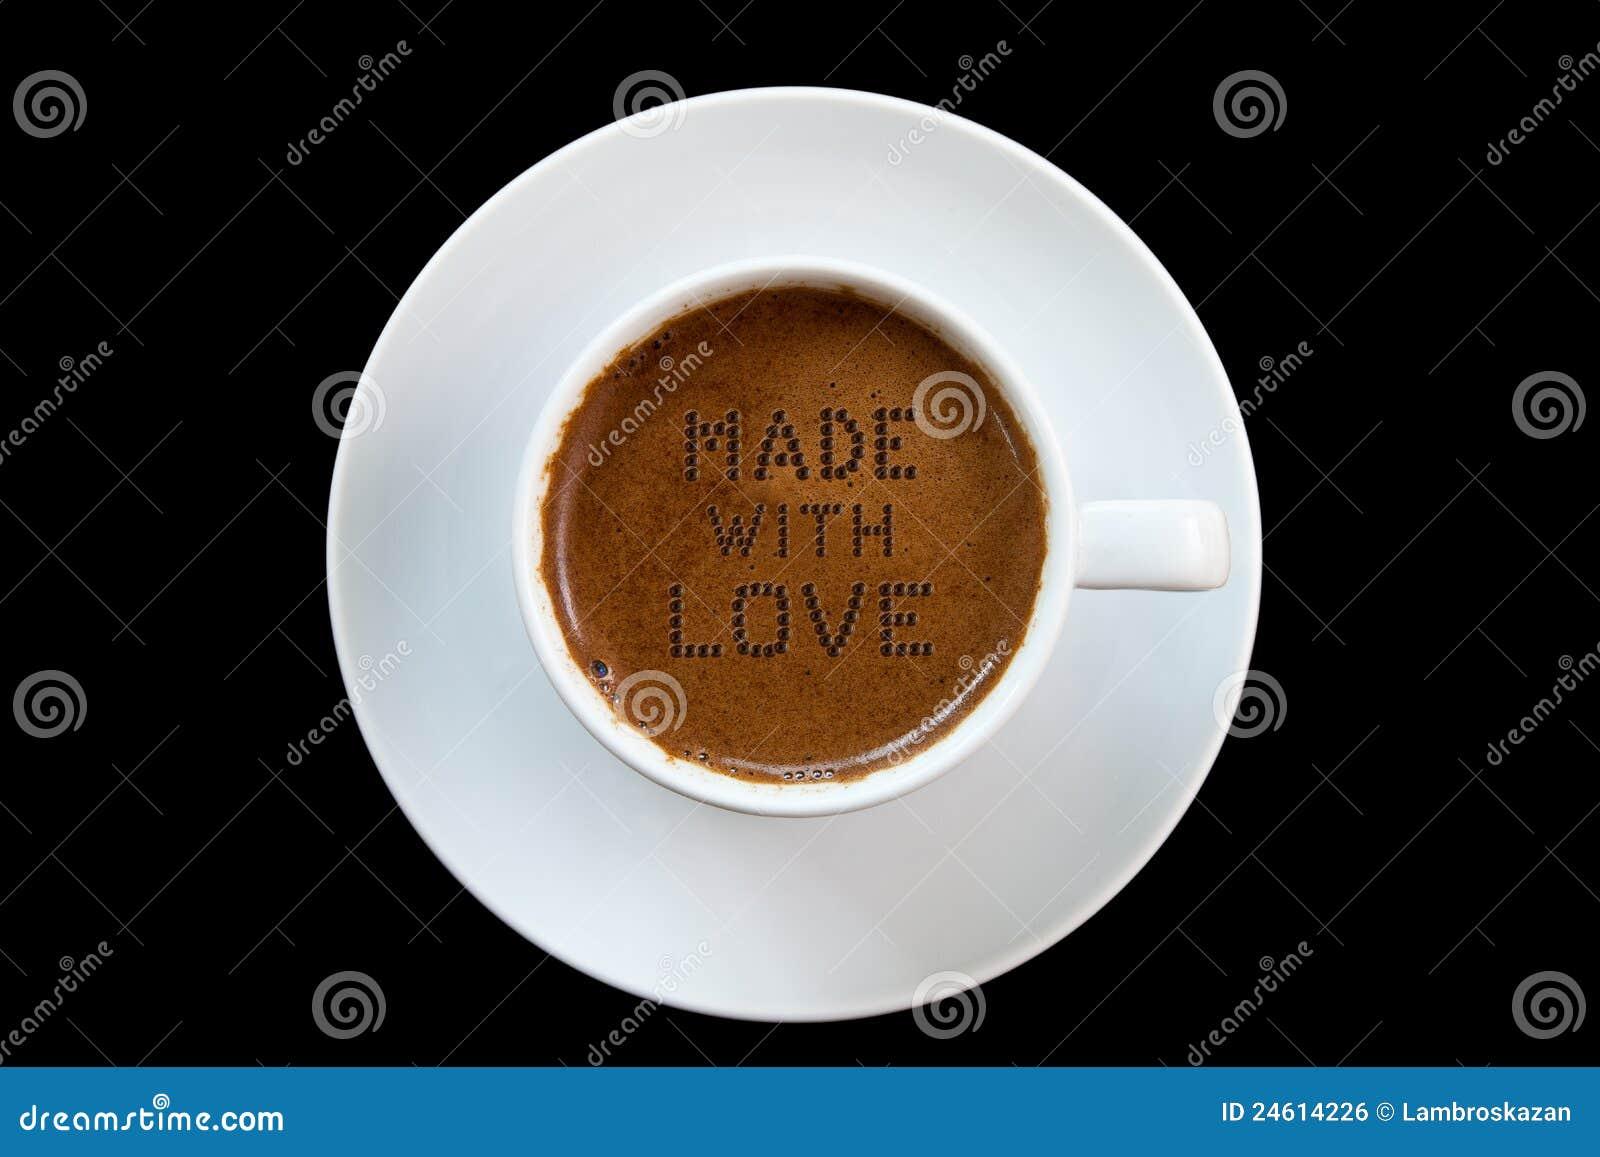 För ingrediensförälskelse för kaffe grekisk hemlighet